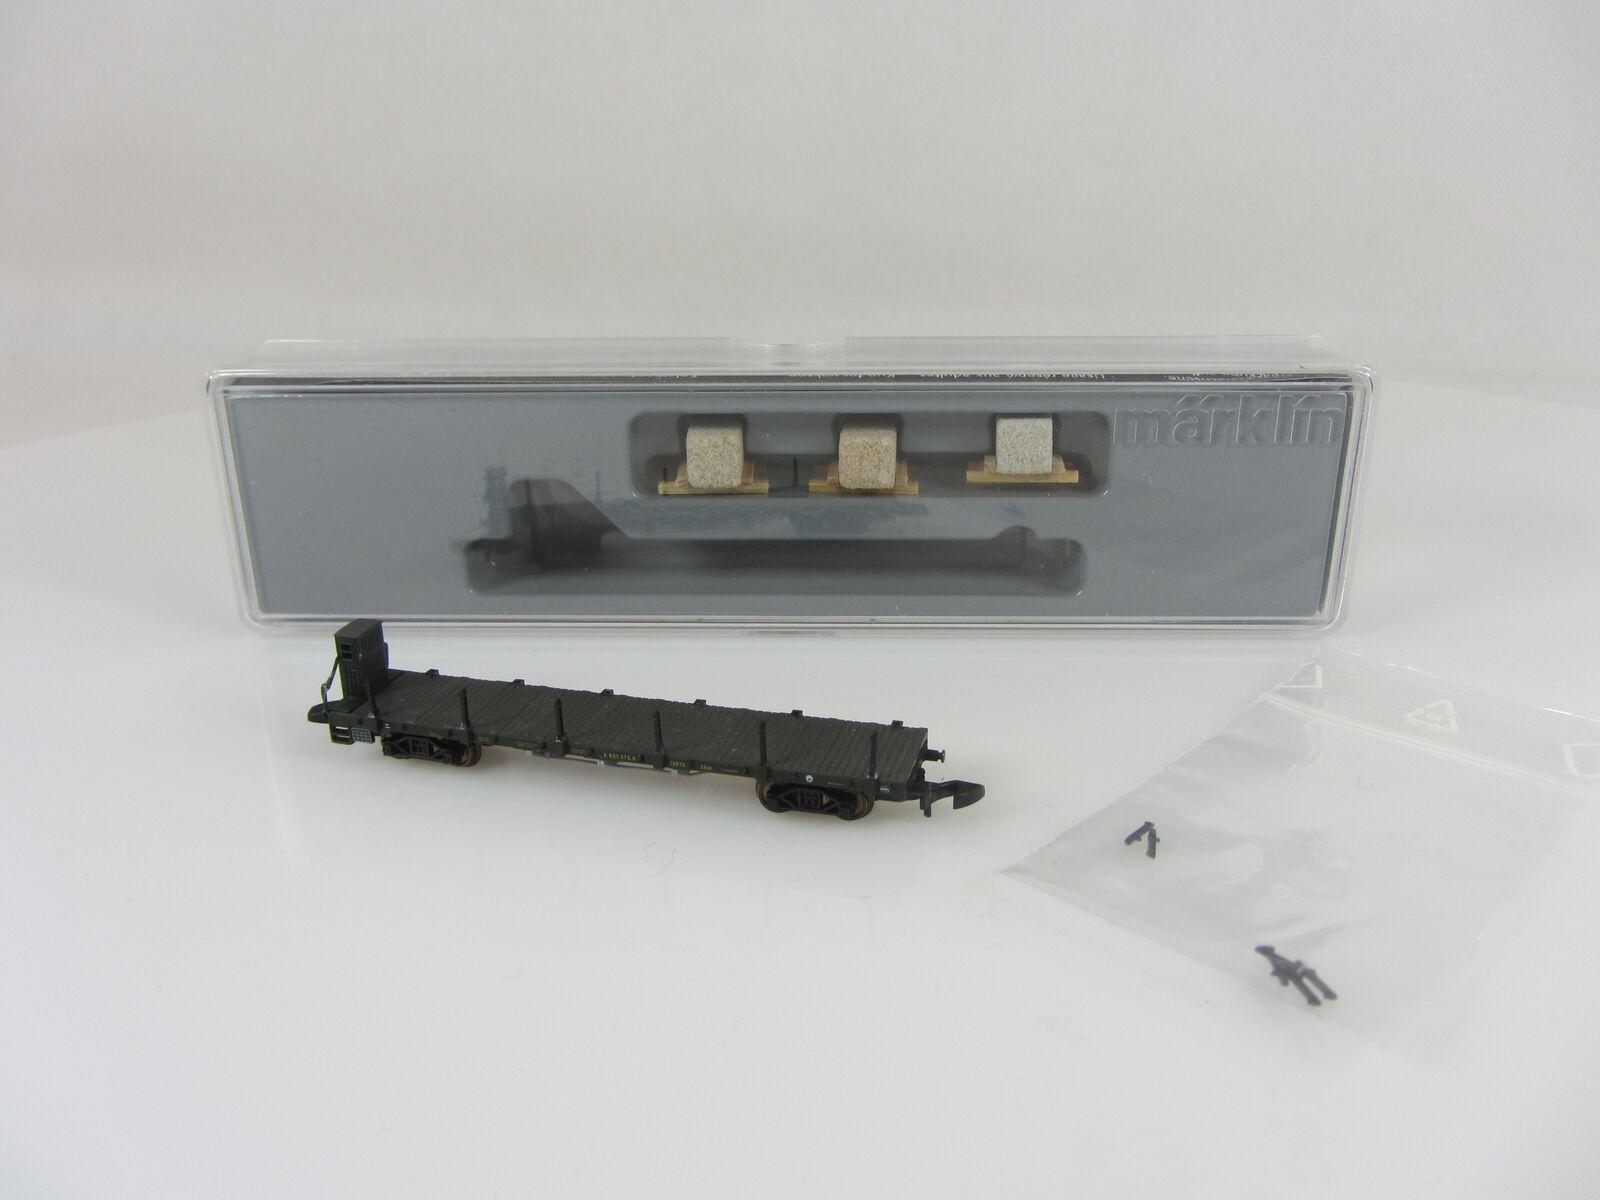 Märklin 82571 carro piatto con pietra carico buone condizioni con imballo originale